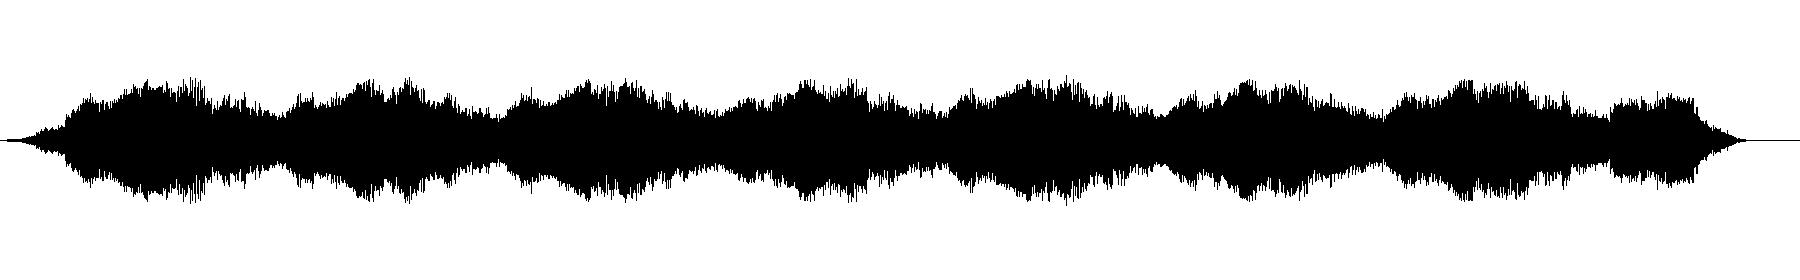 dark atmospheres 013 g